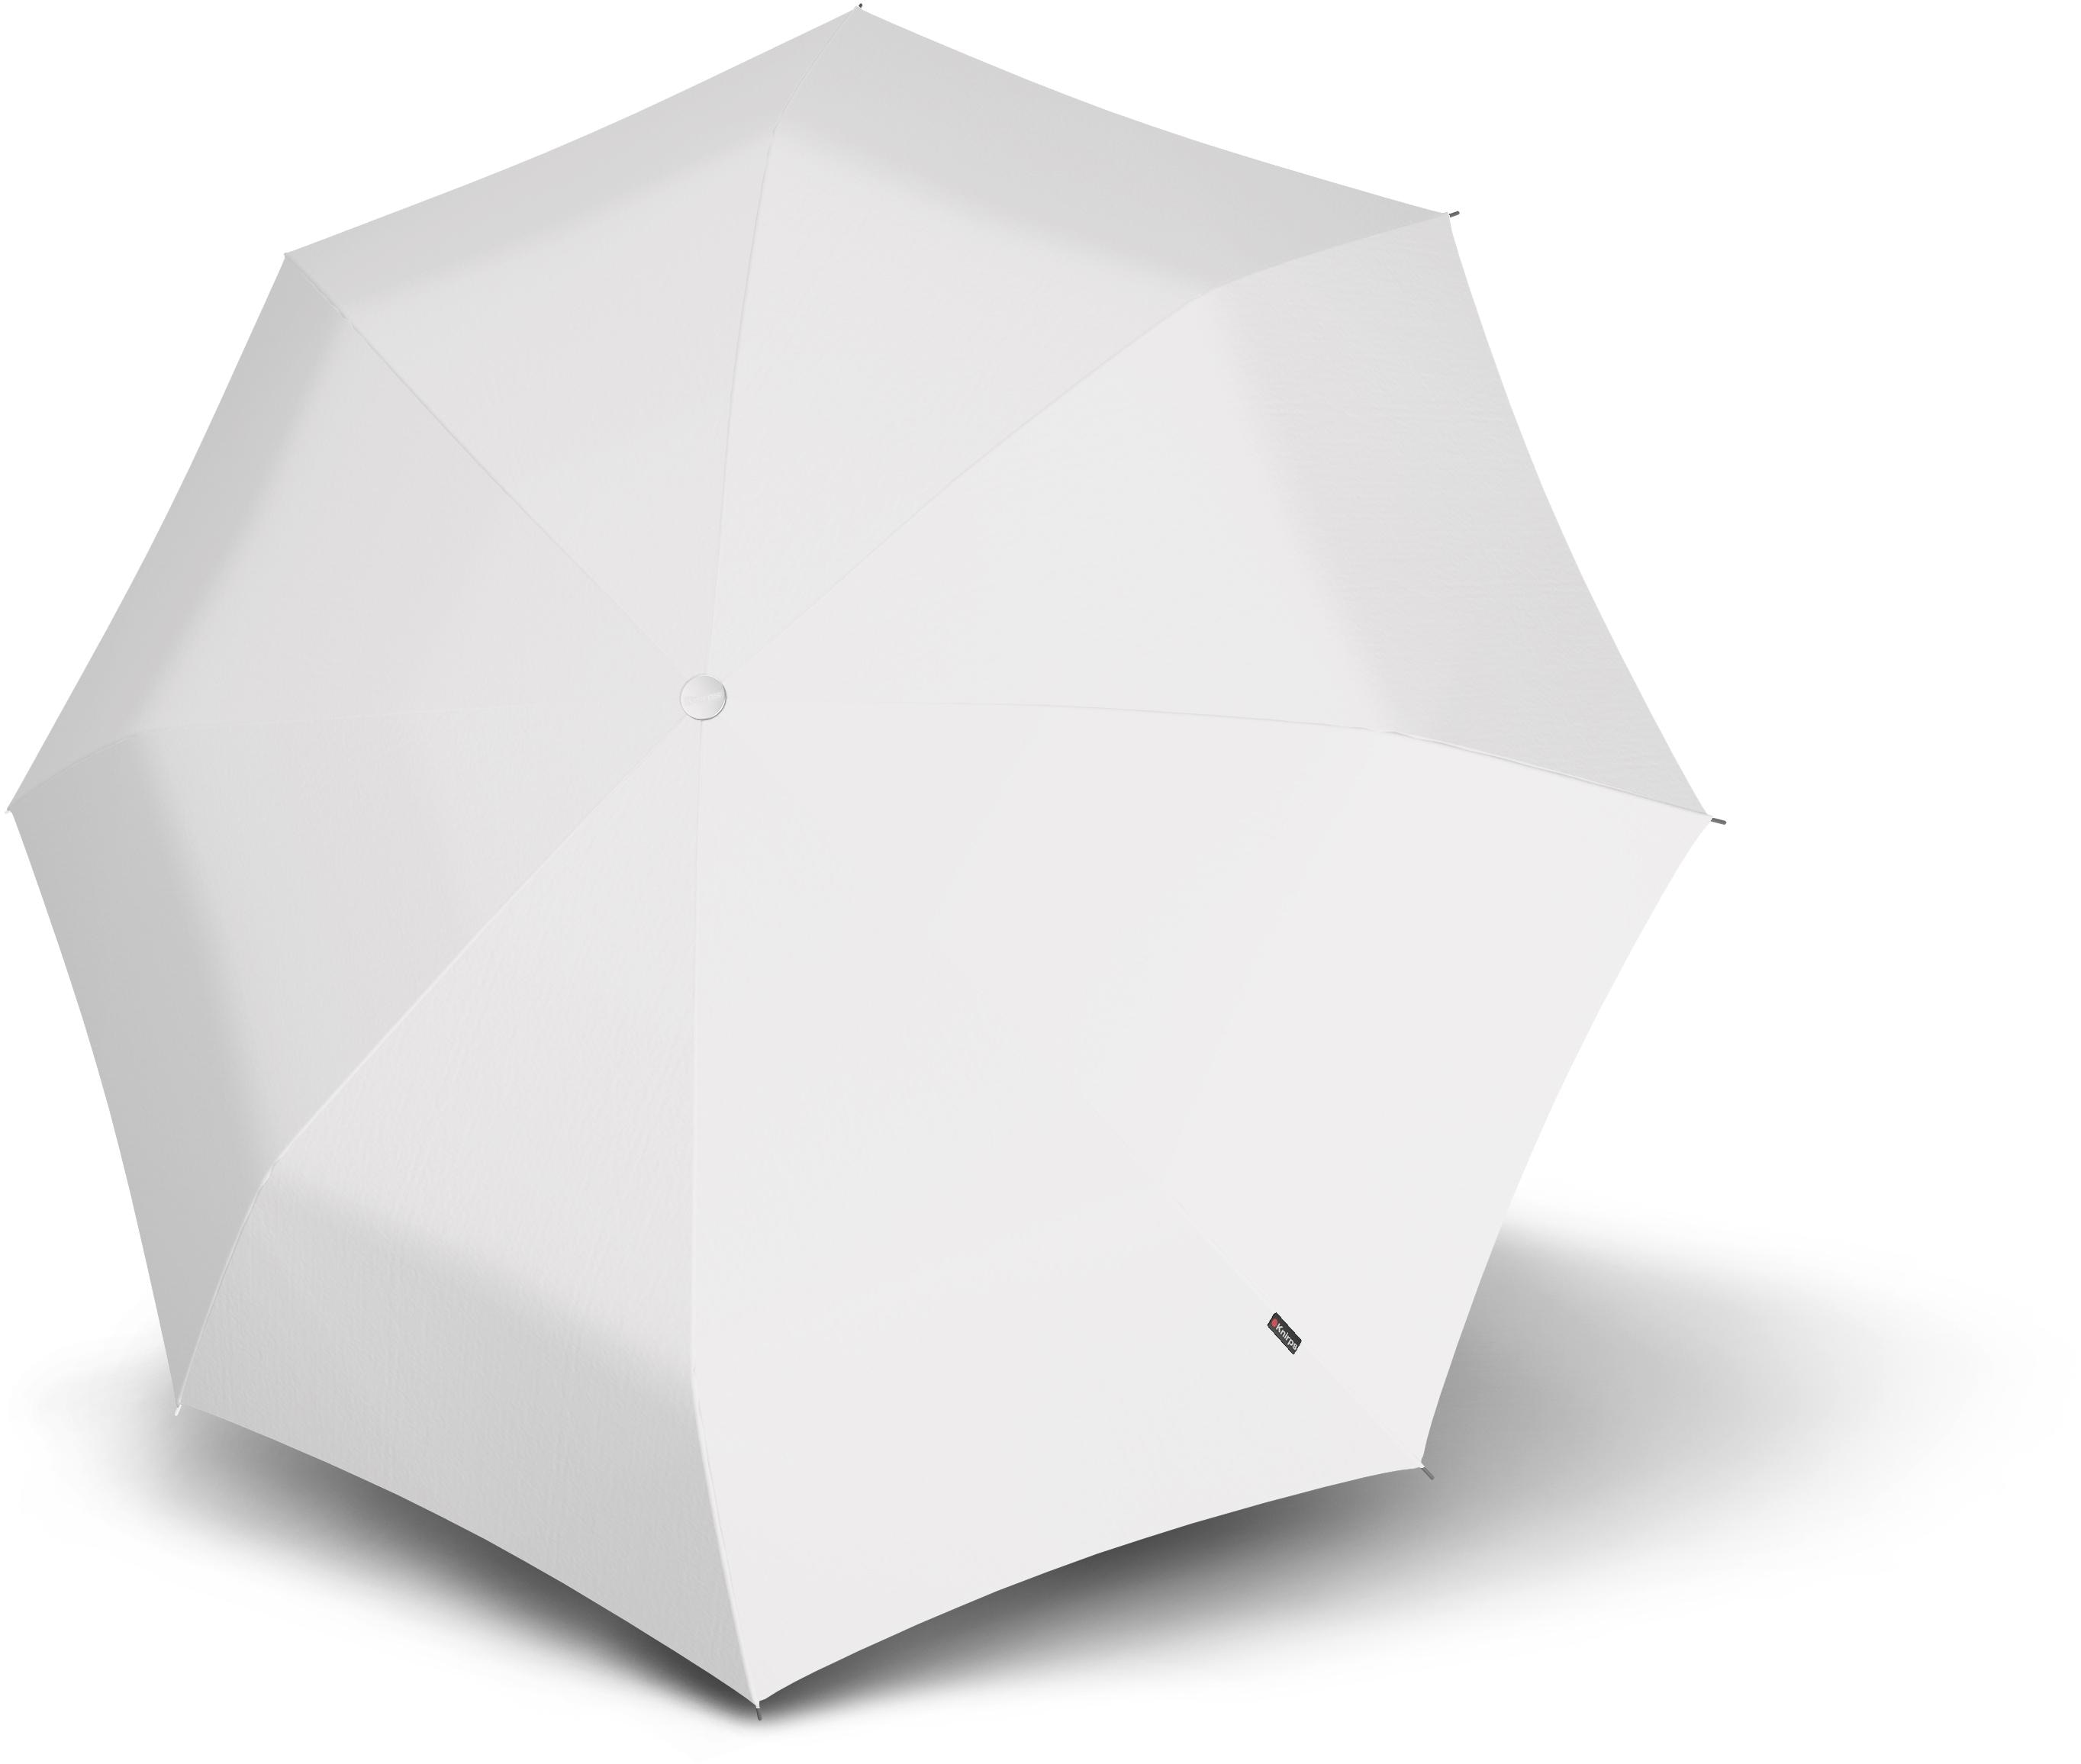 Knirps®, Taschenregenschirm Floyd | Accessoires > Regenschirme | knirps